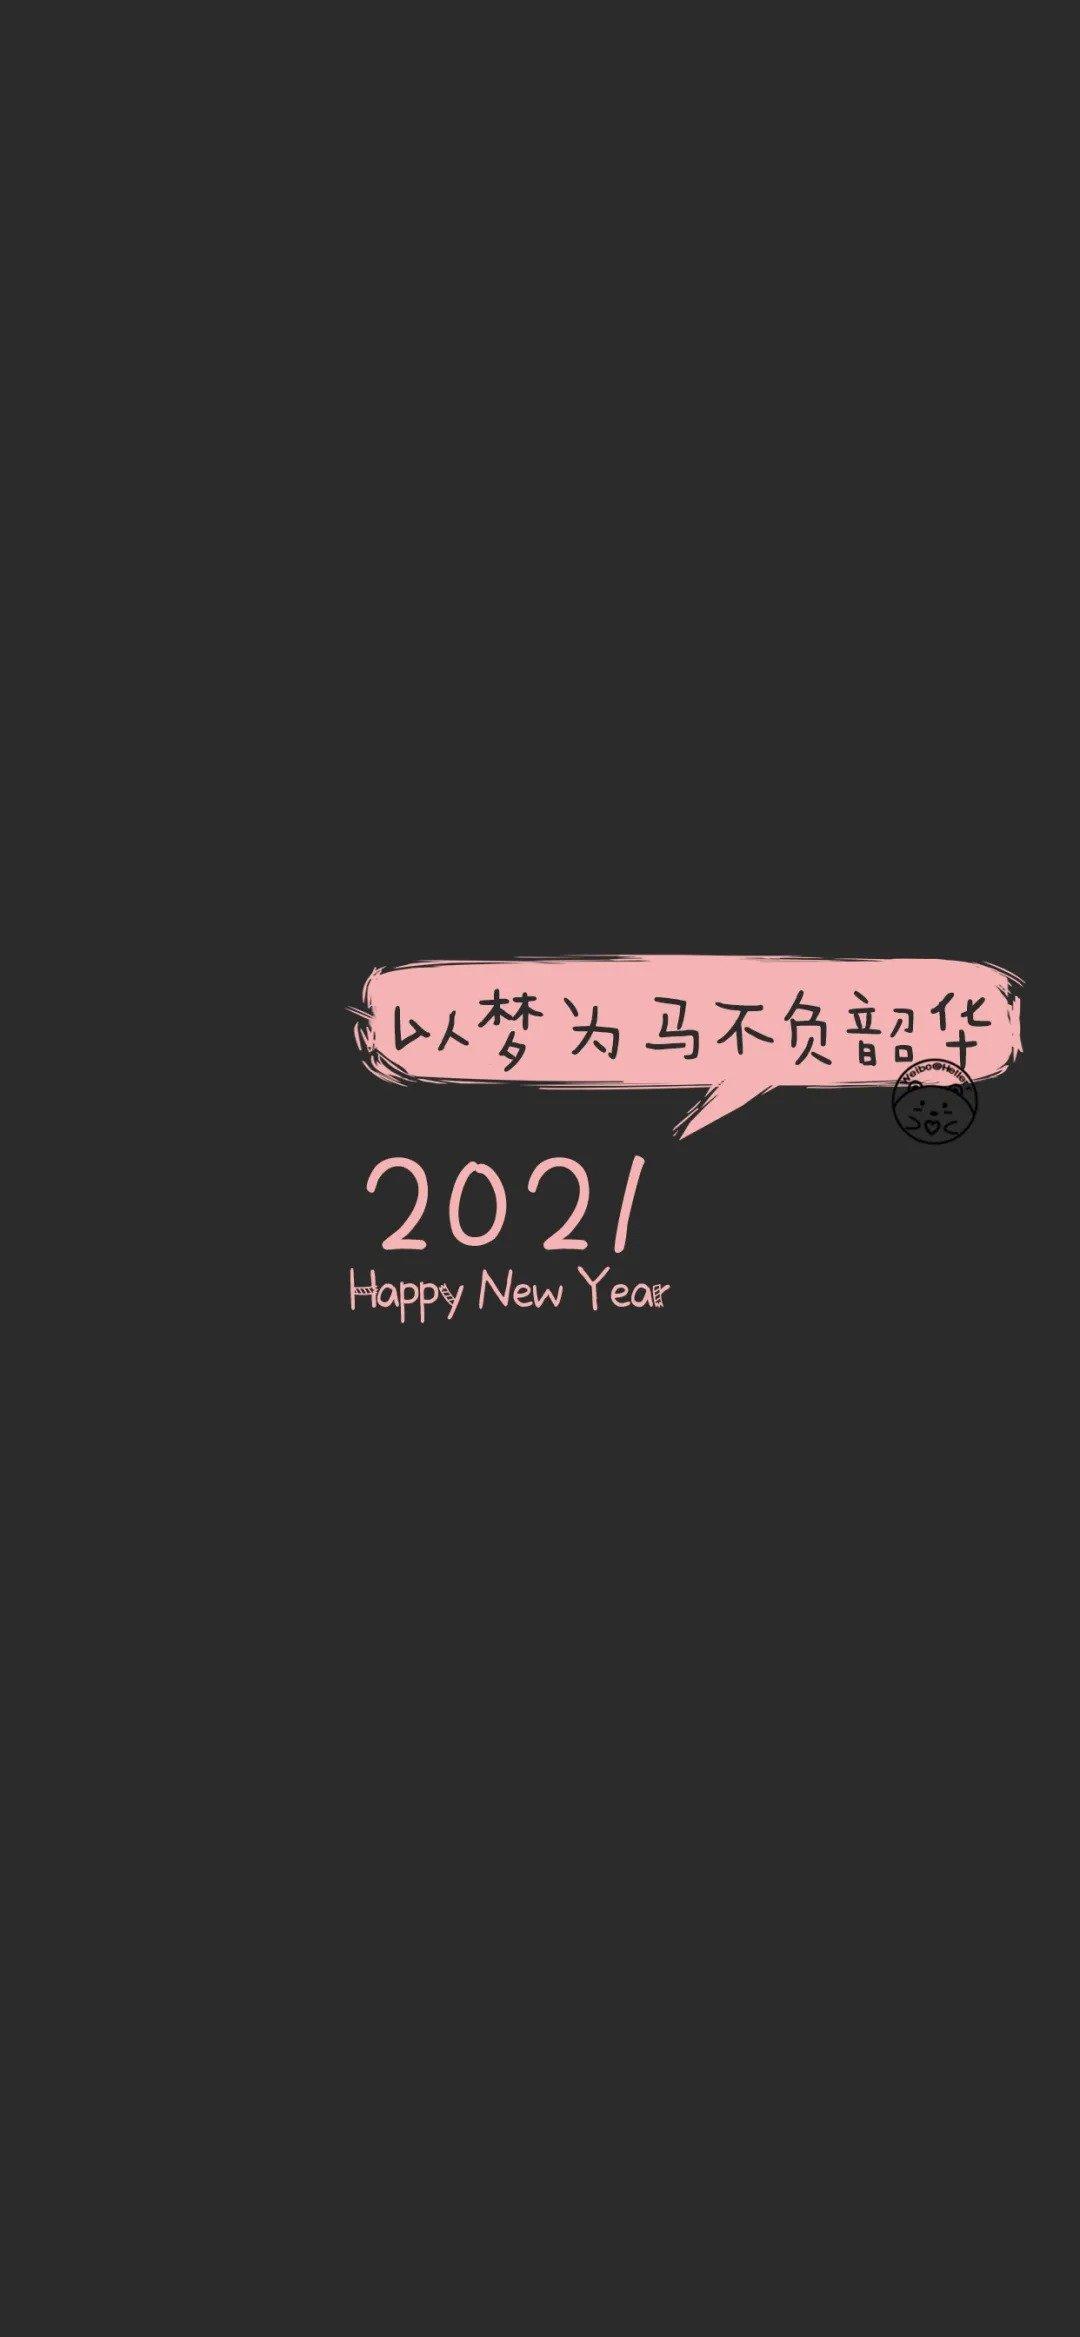 壁纸   2021手机壁纸插图11